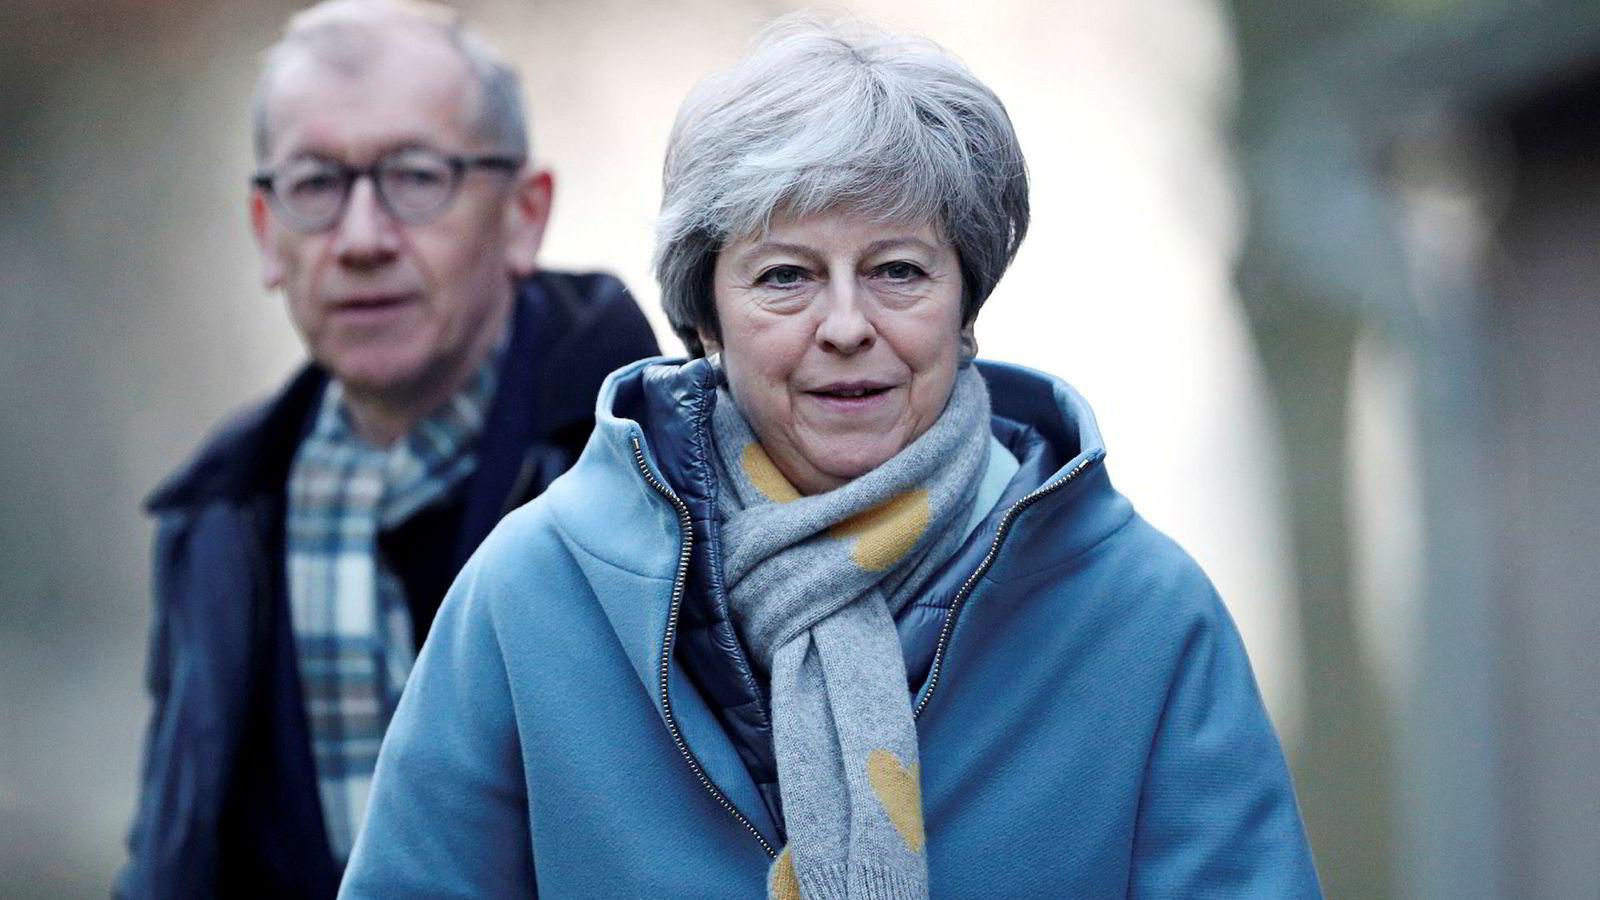 Muligheten stiger sterkt for at May ikke har andre valg enn å sette sin egen stilling bak planen – og håpe at frykten for en venstreradikal regjering under Jeremy Corbyn skal redde brexit. Her sammen med ektemannen Philip May.